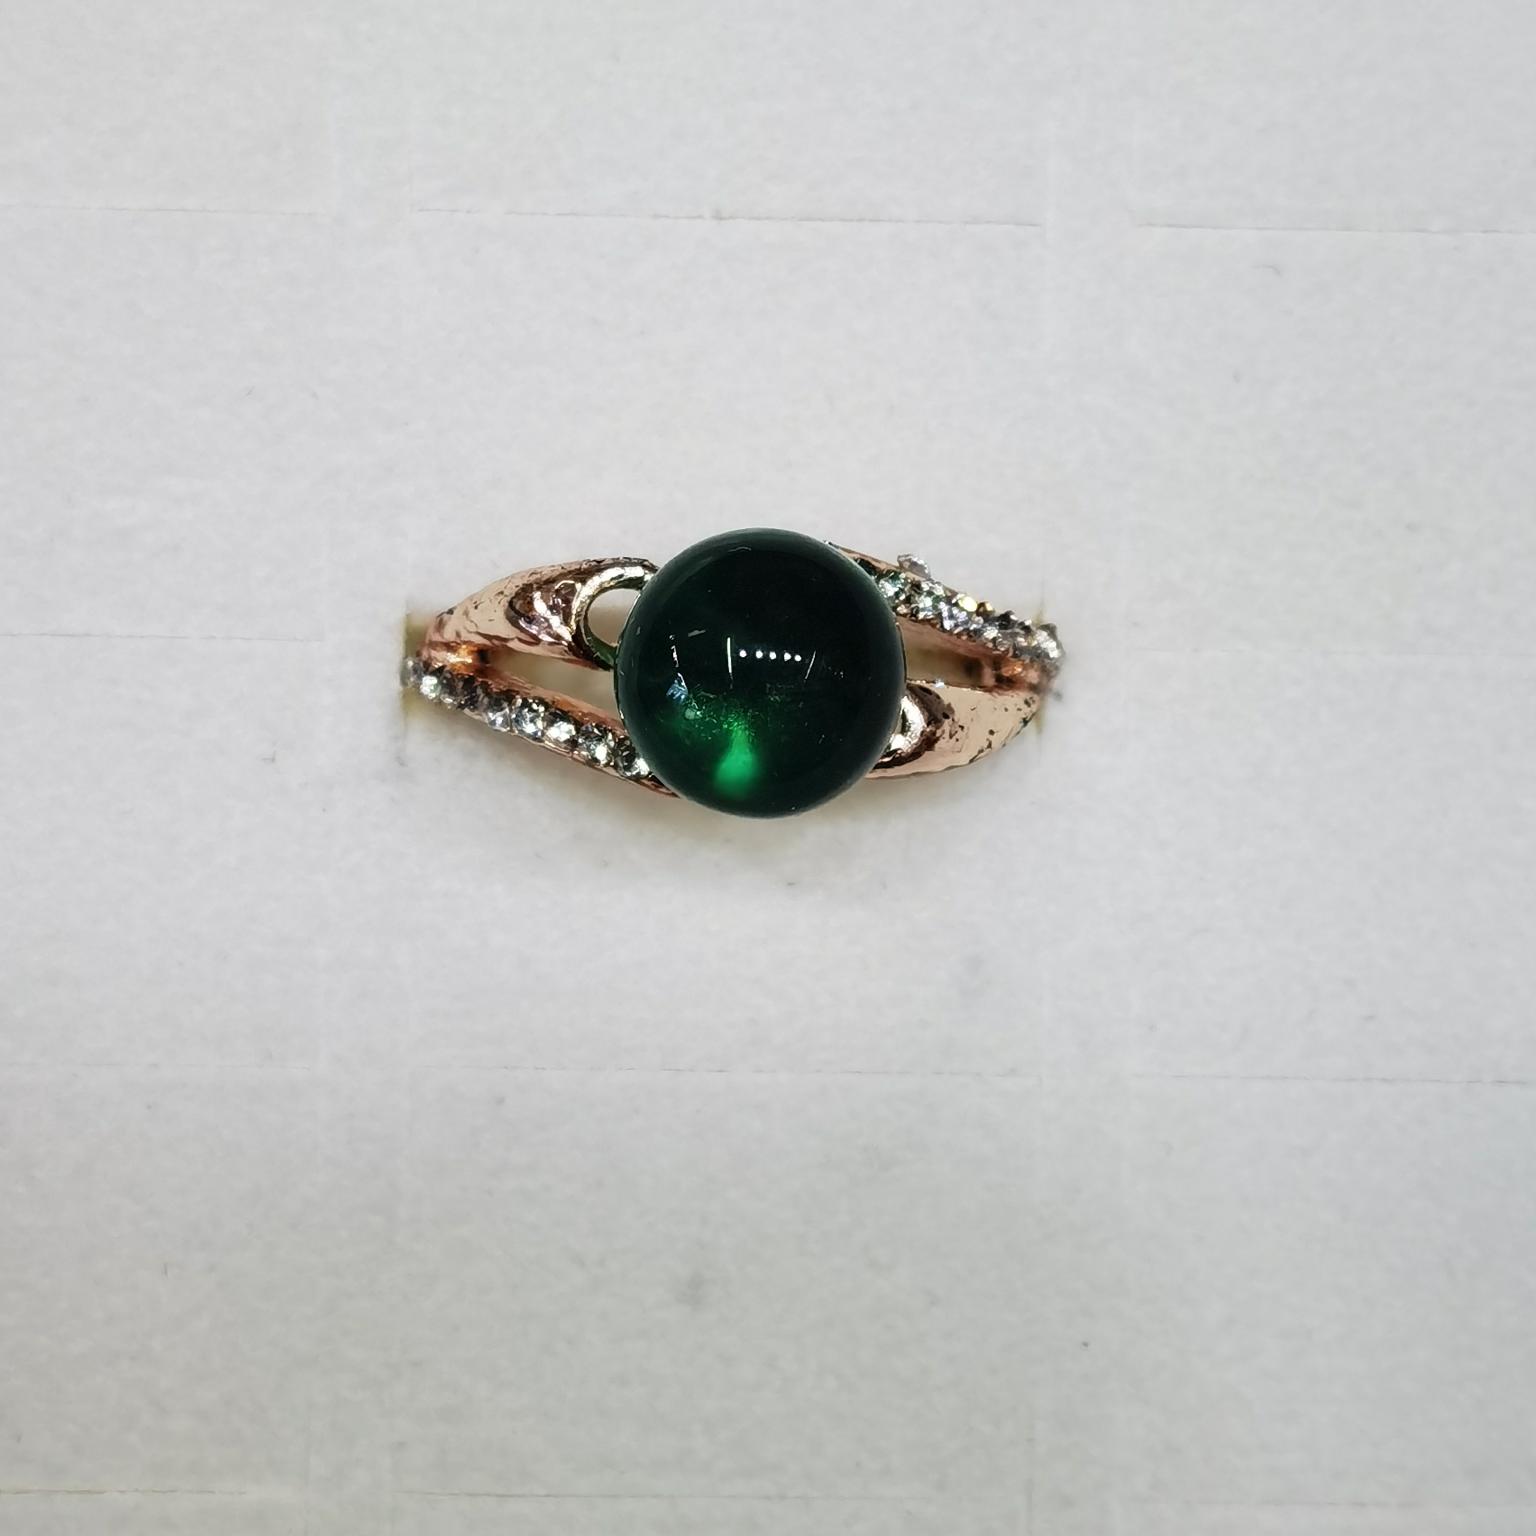 2021欧美流行饰品,时尚戒指,水钻戒指,卡通戒指91